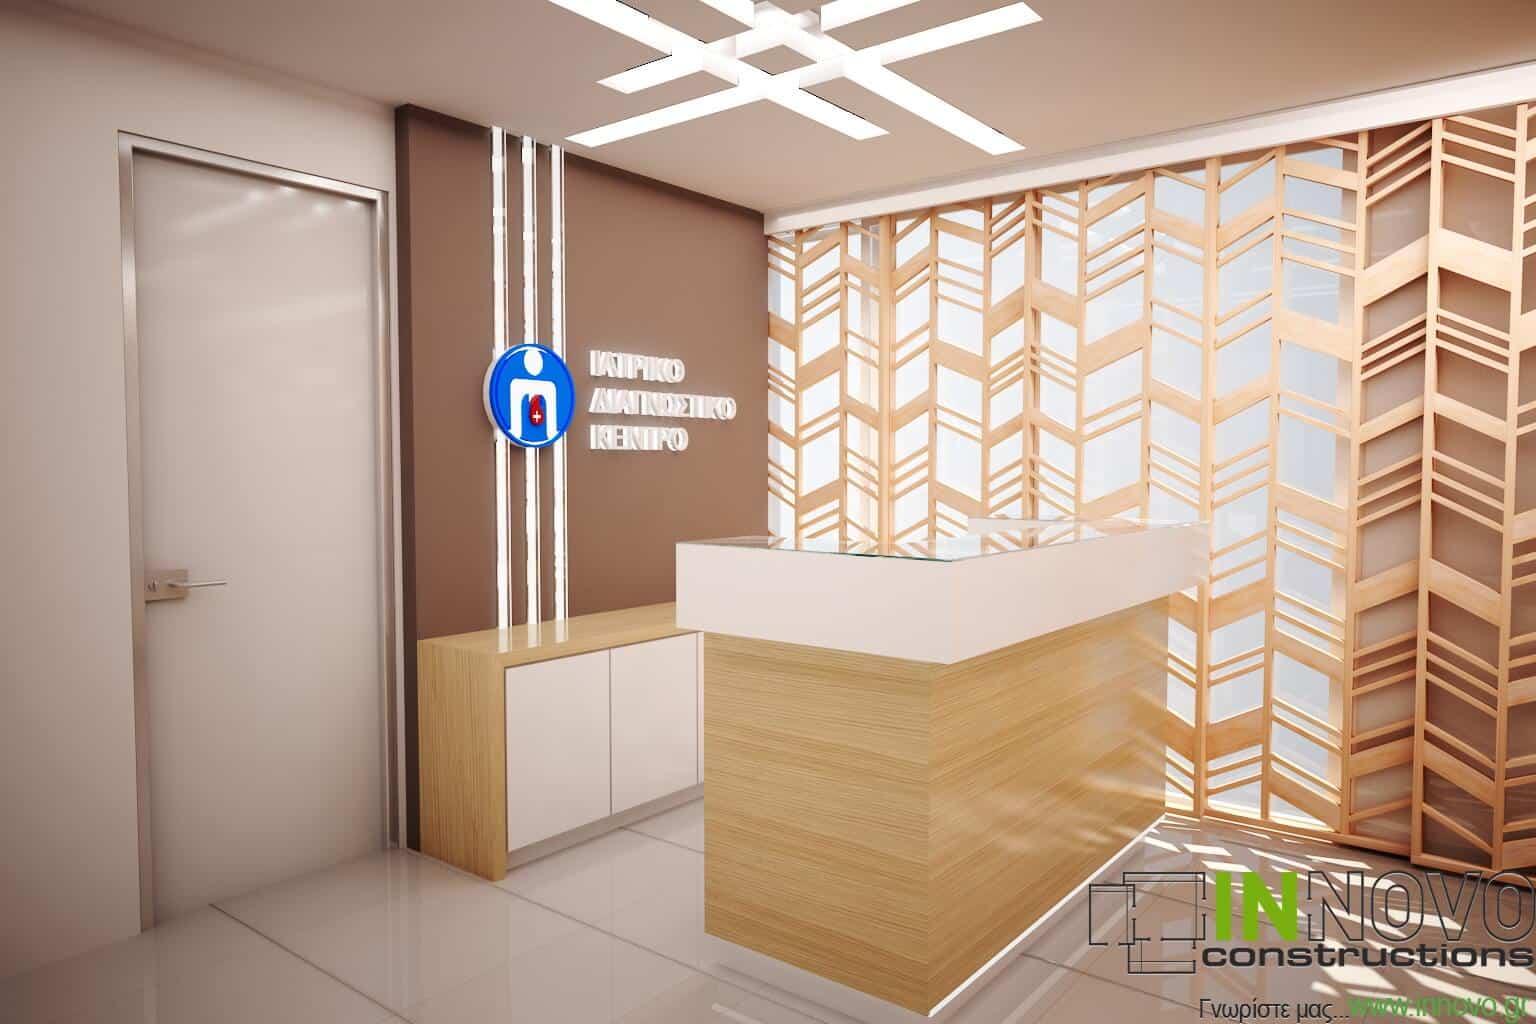 Μελέτη κατασκευής reception διαγνωστικού κέντρου